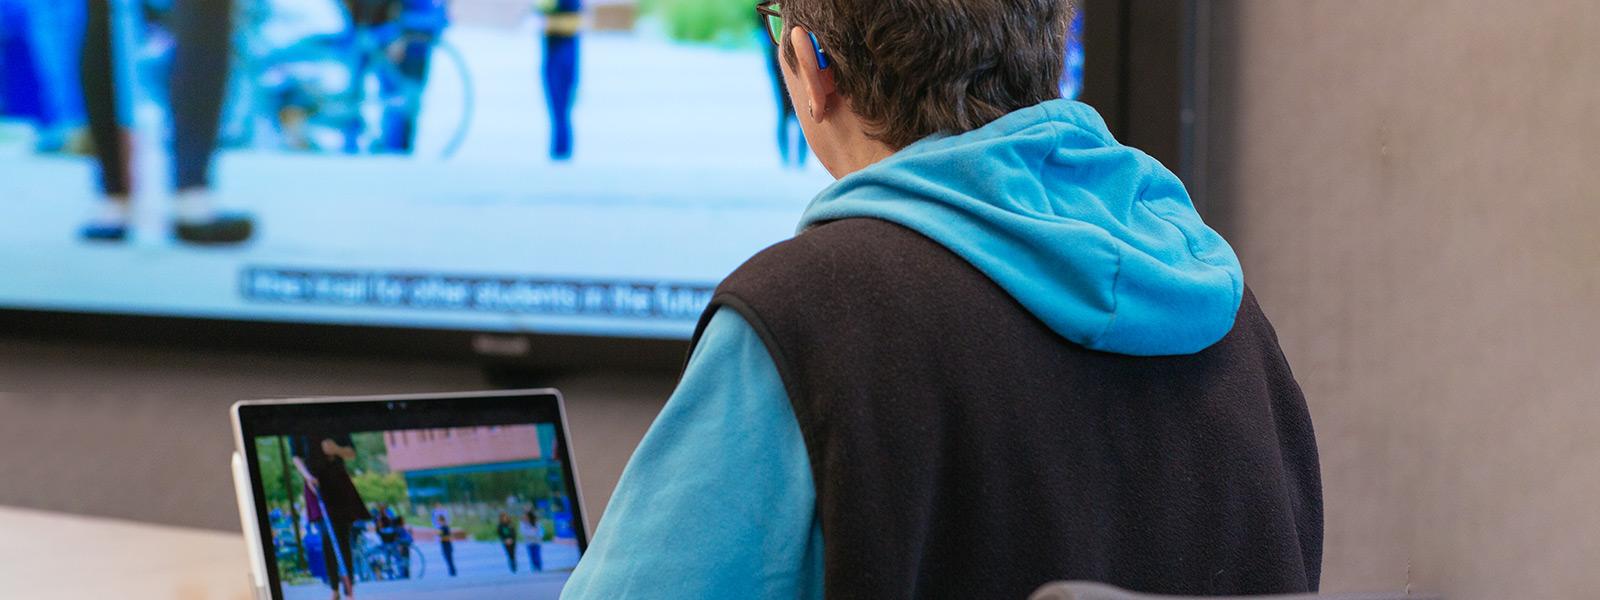 보청기를 사용하면서 자막이 있는 비디오 프레젠테이션을 시청하는 여성